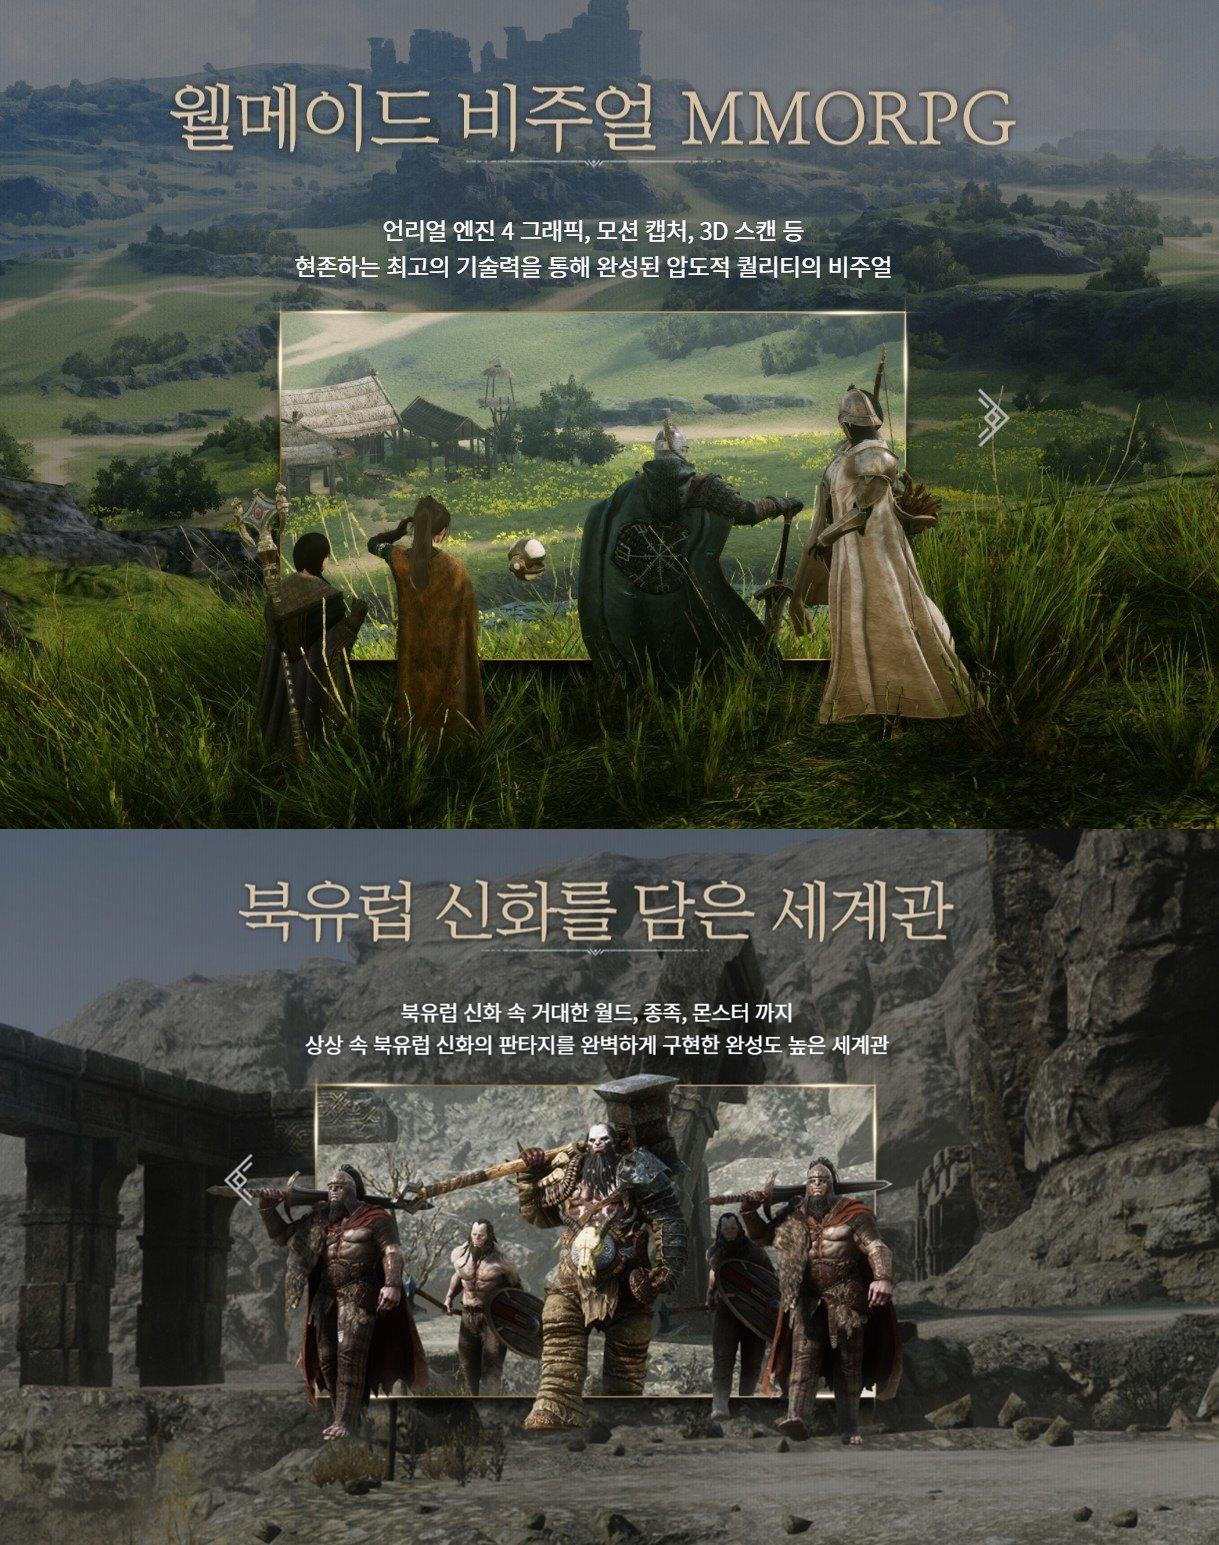 오딘: 발할라 라이징 사전예약 오픈, 블루스택 앱플레이어와 함께 북유럽 신화 속의 세계를 PC에서 탐험해보세요!